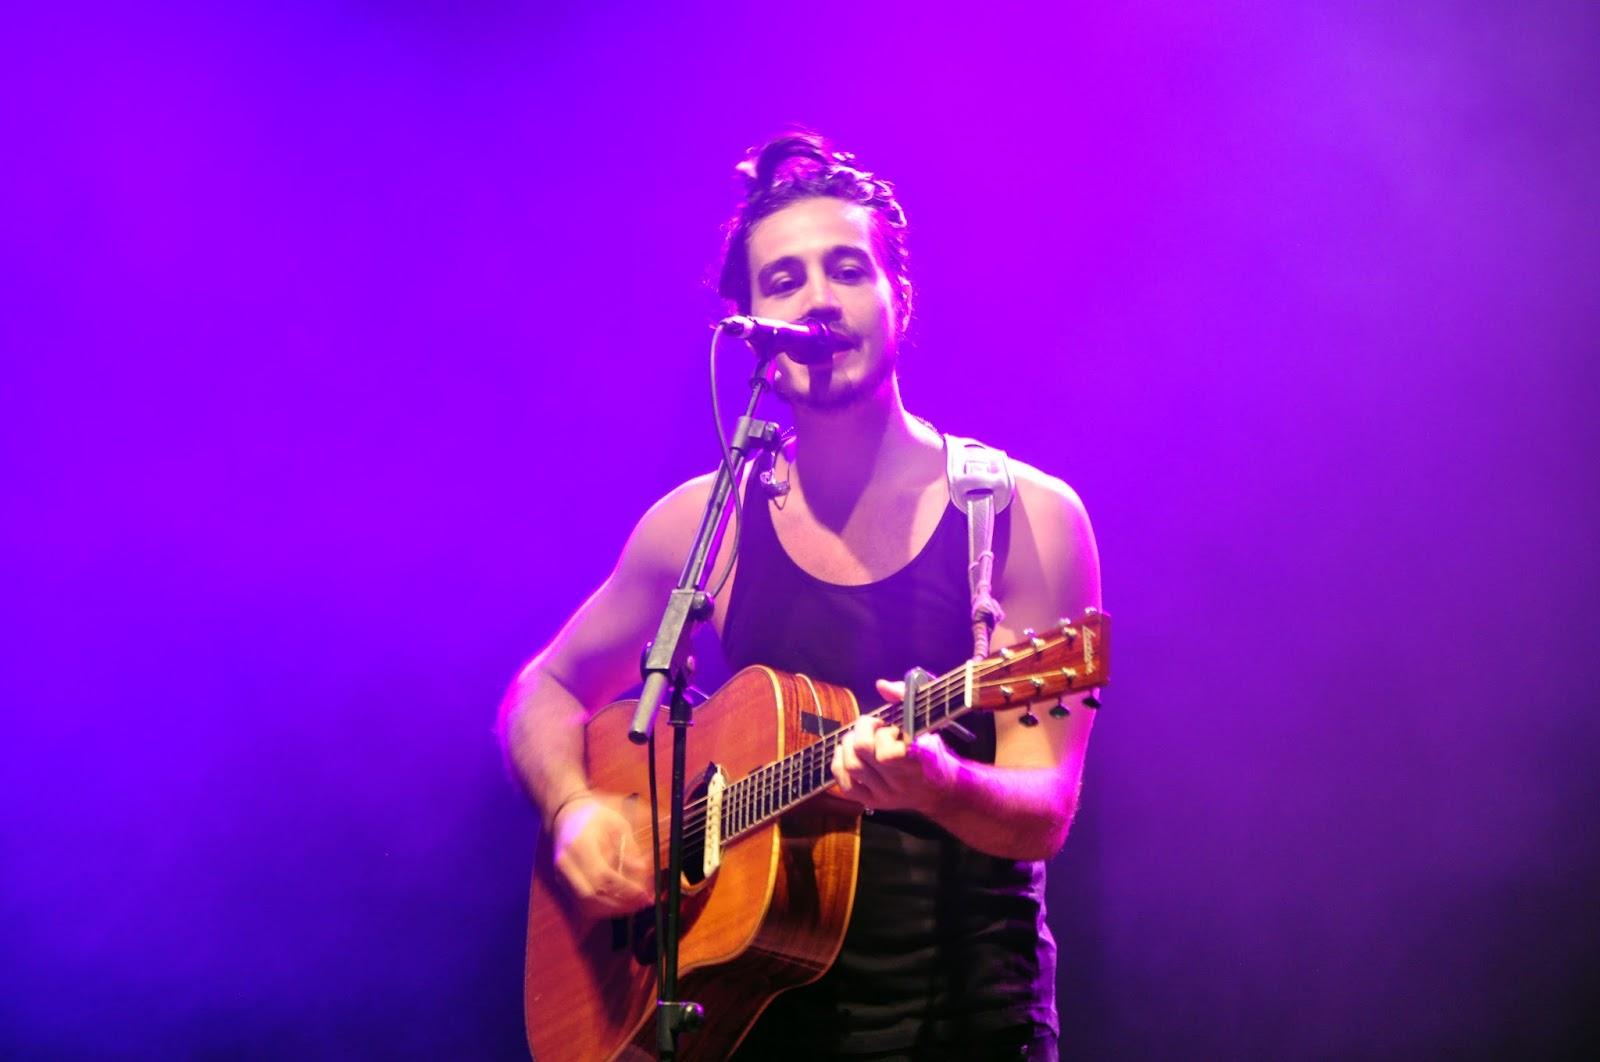 Show do Tiago Iorc em Fortaleza - 24 de maio de 2016